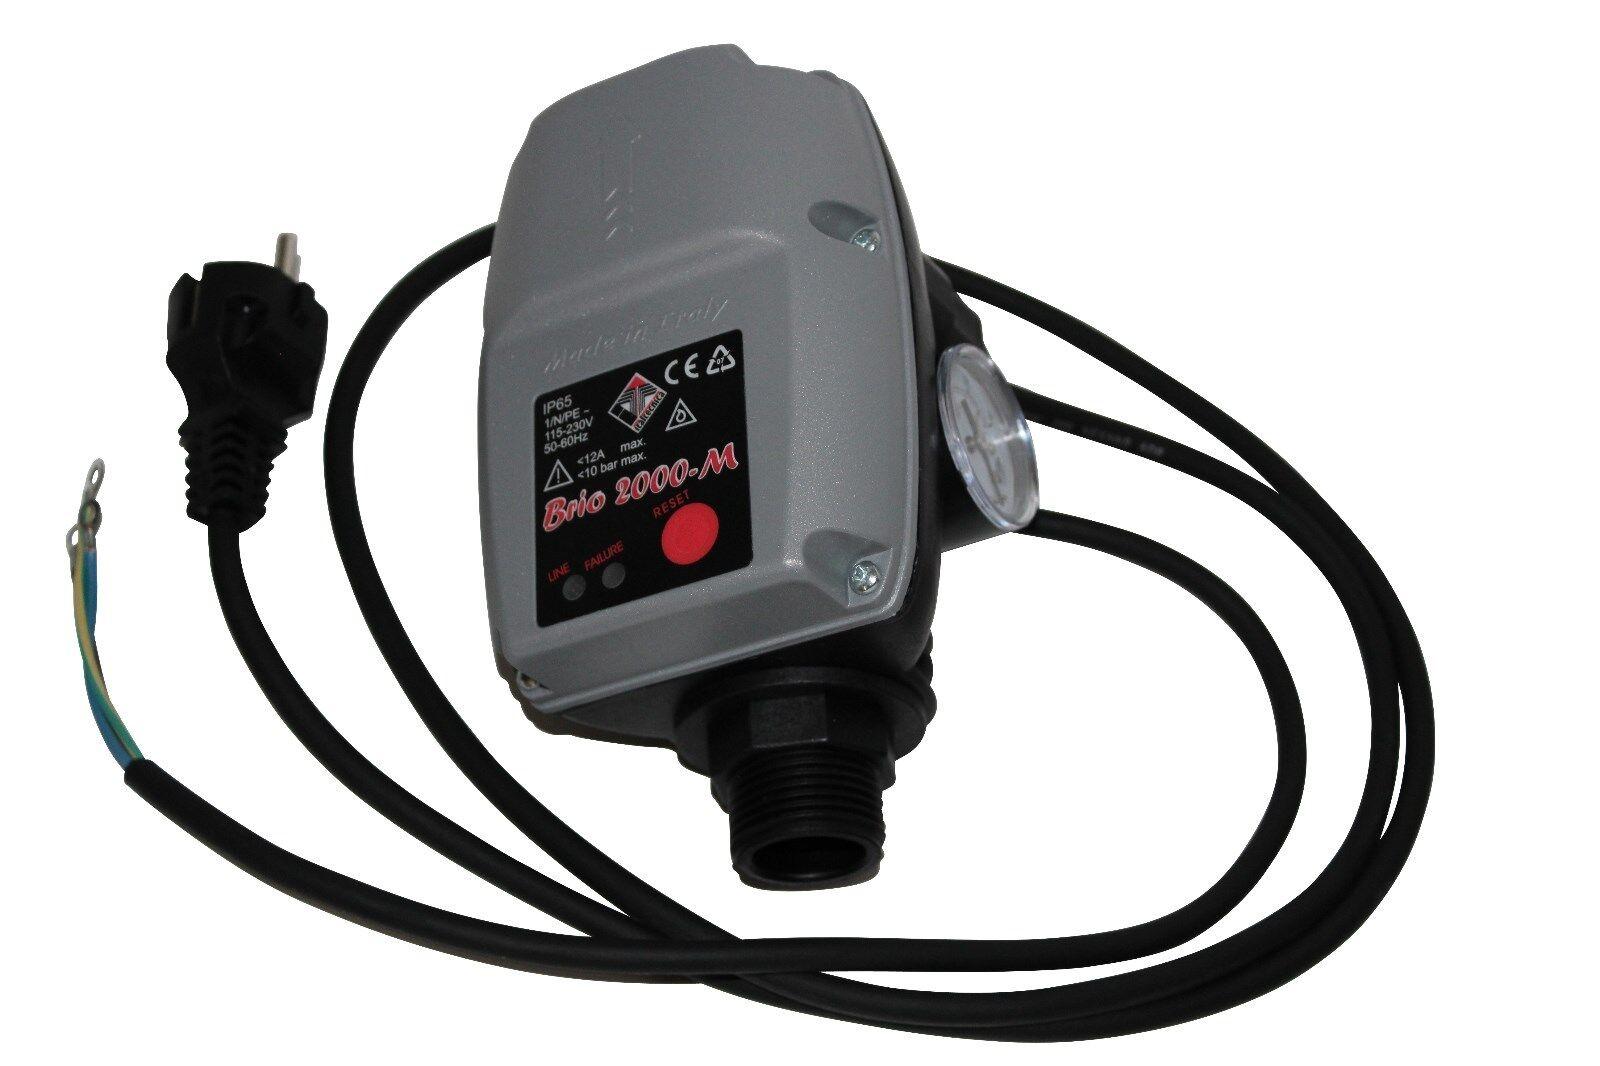 Brio 2000M con Cable Control de la Bomba Made In  Interruptor a Presión